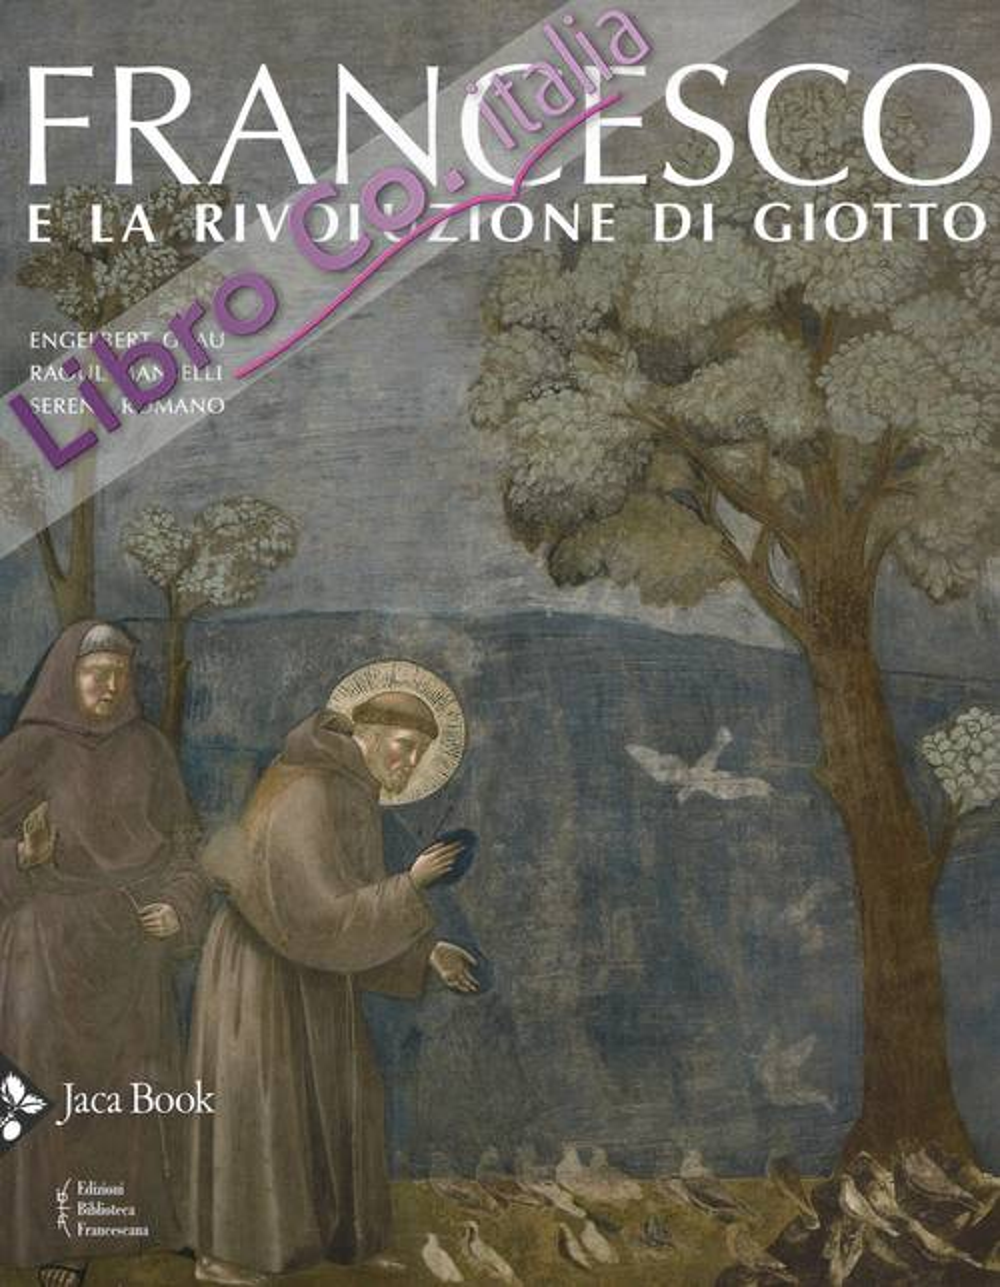 Francesco e la rivoluzione di Giotto.